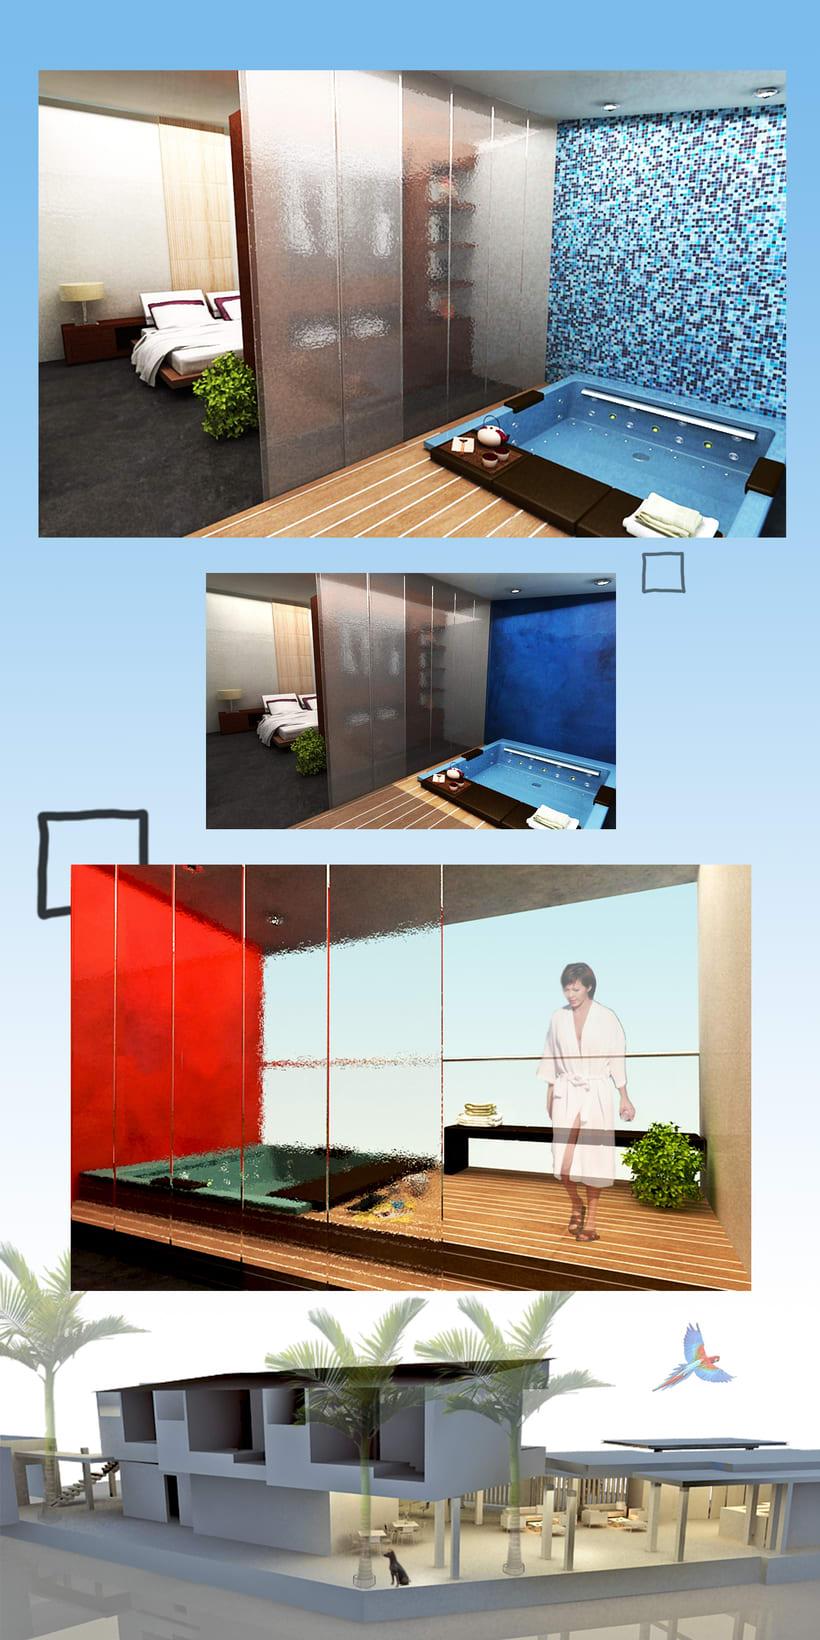 Imágenes para Tesis de diseño de Interiores  2